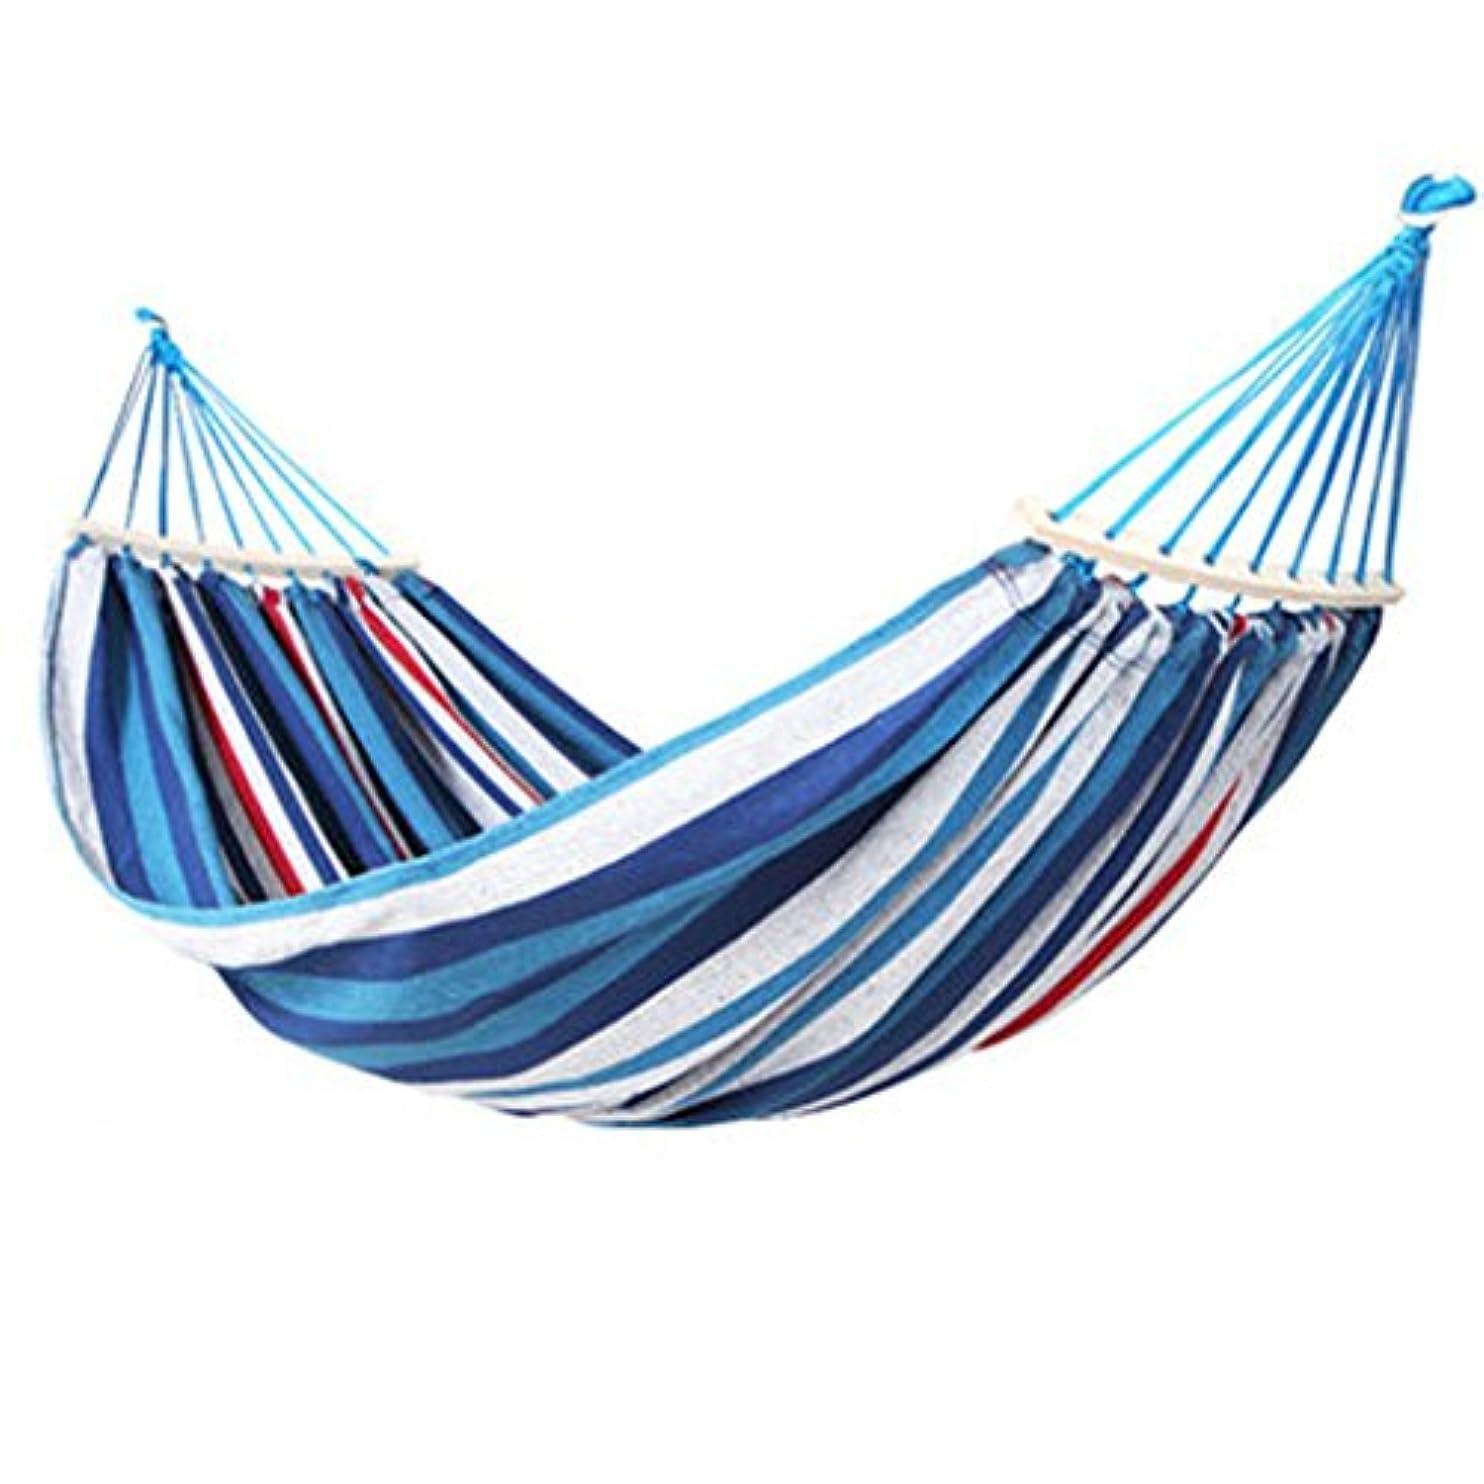 する強風振り向くハンモック キャンバス屋??外ハンモックキャンプ予防ロールオーバー木製のスイングチェアダブル200 * 150センチメートル (Color : Blue)